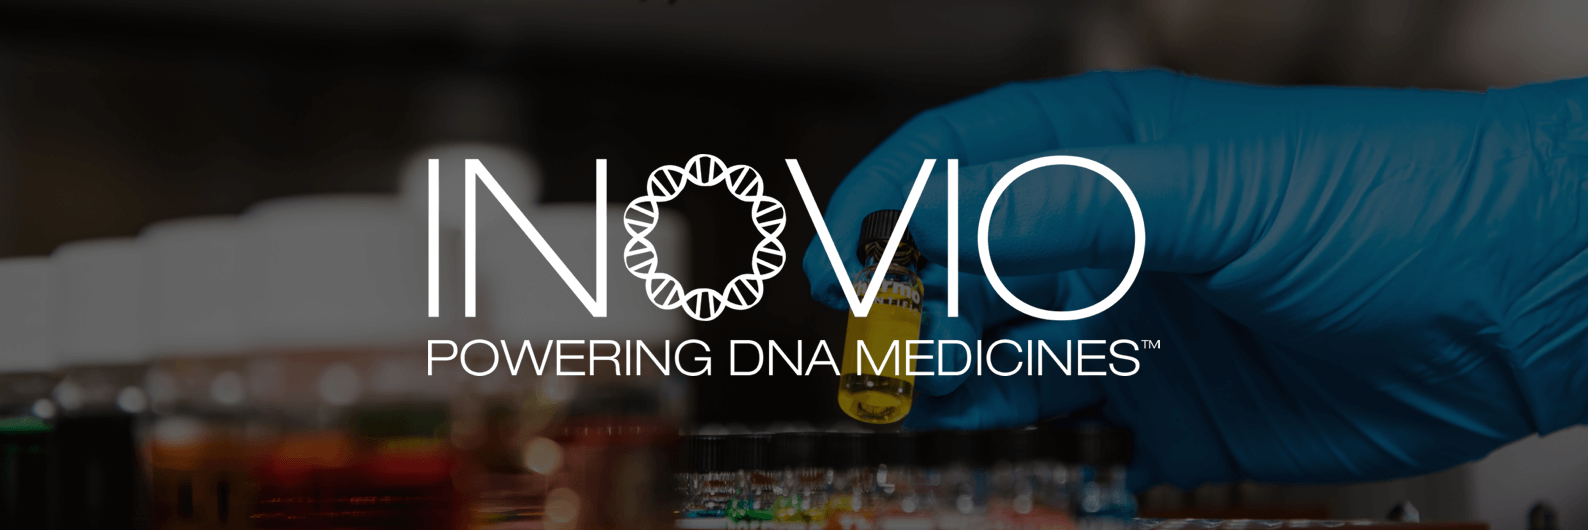 Top Covid-19 Vaccine Stock : Inovio